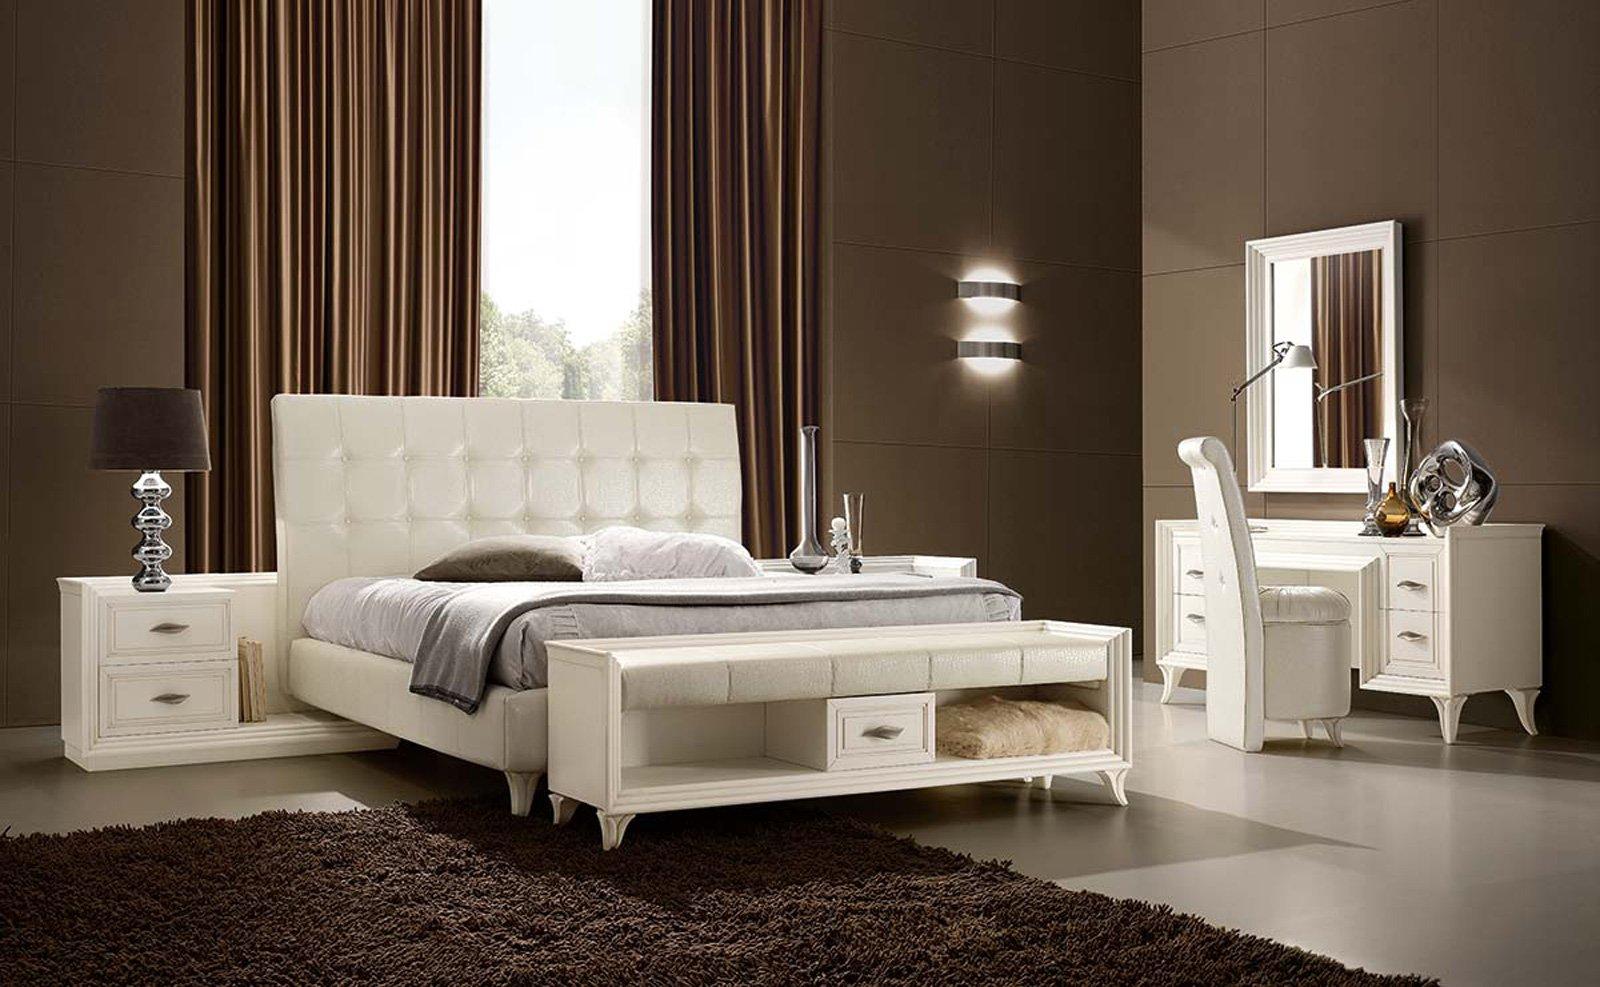 Panche per il soggiorno o per la camera cose di casa - Come mettere i cuscini sul letto ...